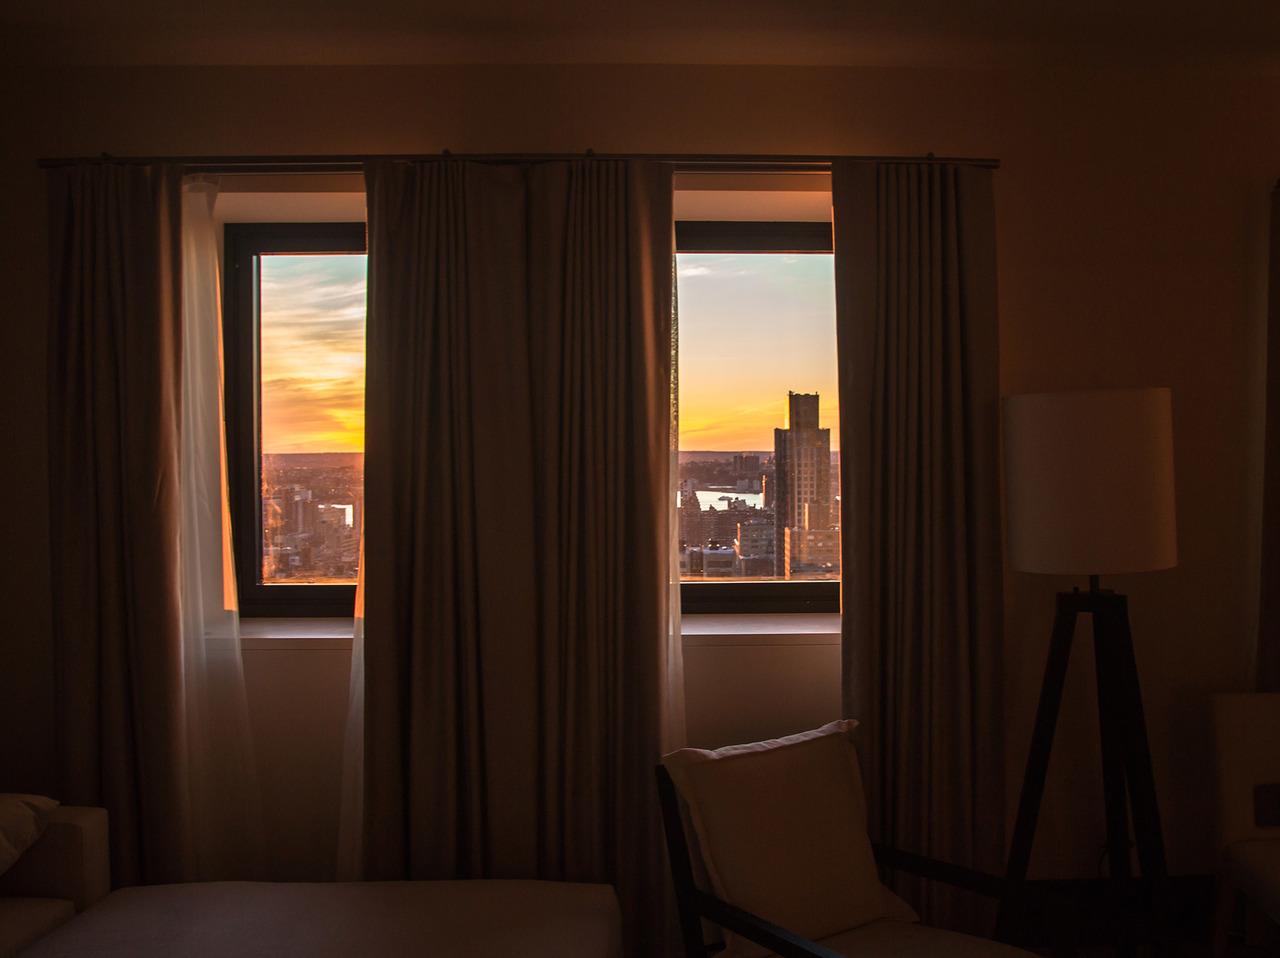 NY-EDITION-Room-View-1870x1400.jpg